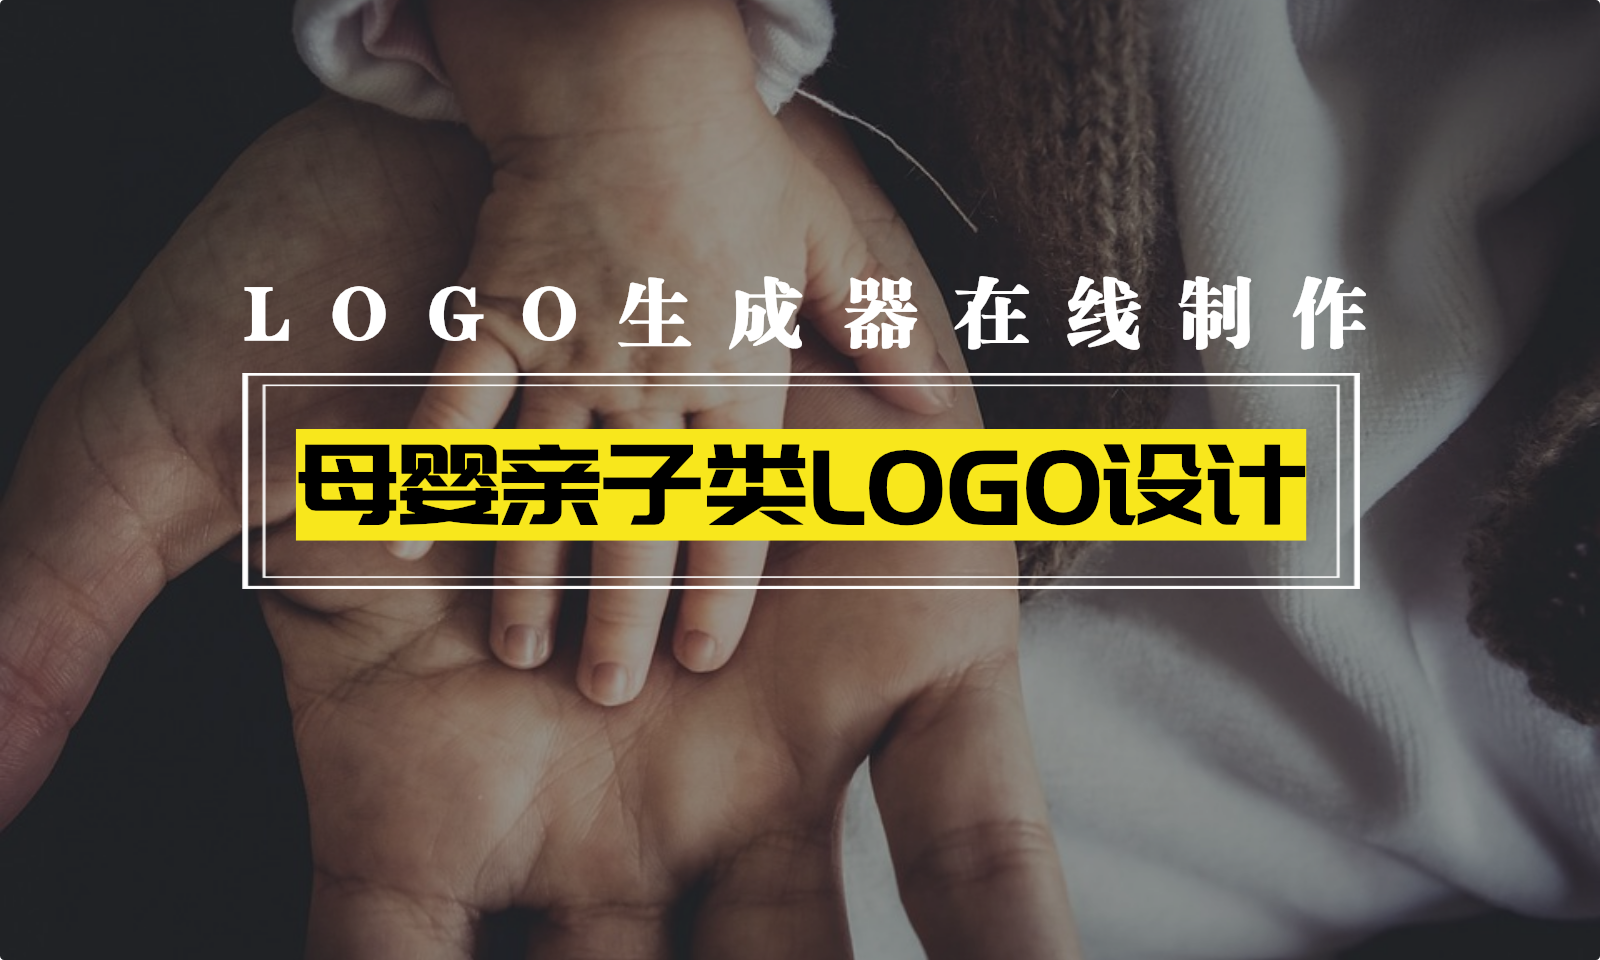 智能Logo在线制作之母婴亲子行业